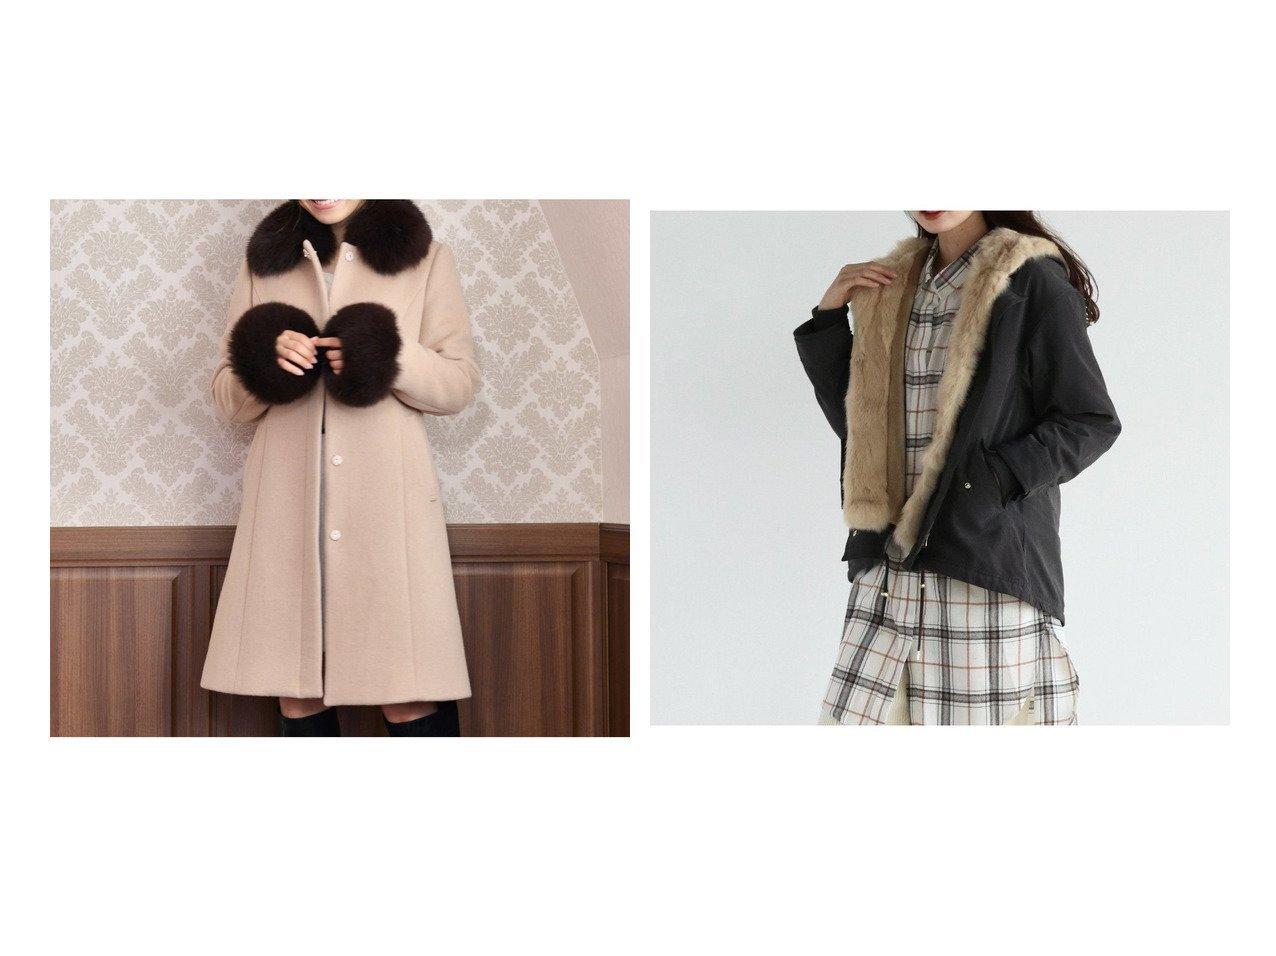 【LASUD/ラシュッド】のRADIATE ラビットファー ショートモッズコート&【MiiA/ミーア】のFOXファーノーカラービジューコート アウターのおすすめ!人気、レディースファッションの通販 おすすめで人気のファッション通販商品 インテリア・家具・キッズファッション・メンズファッション・レディースファッション・服の通販 founy(ファニー) https://founy.com/ ファッション Fashion レディース WOMEN アウター Coat Outerwear コート Coats モッズ/フィールドコート Mods Field Coats カフス フォックス なめらか ボトム ポケット モッズコート ライナー ロング ワイド 冬 Winter 秋冬 A/W Autumn/ Winter |ID:crp329100000002801